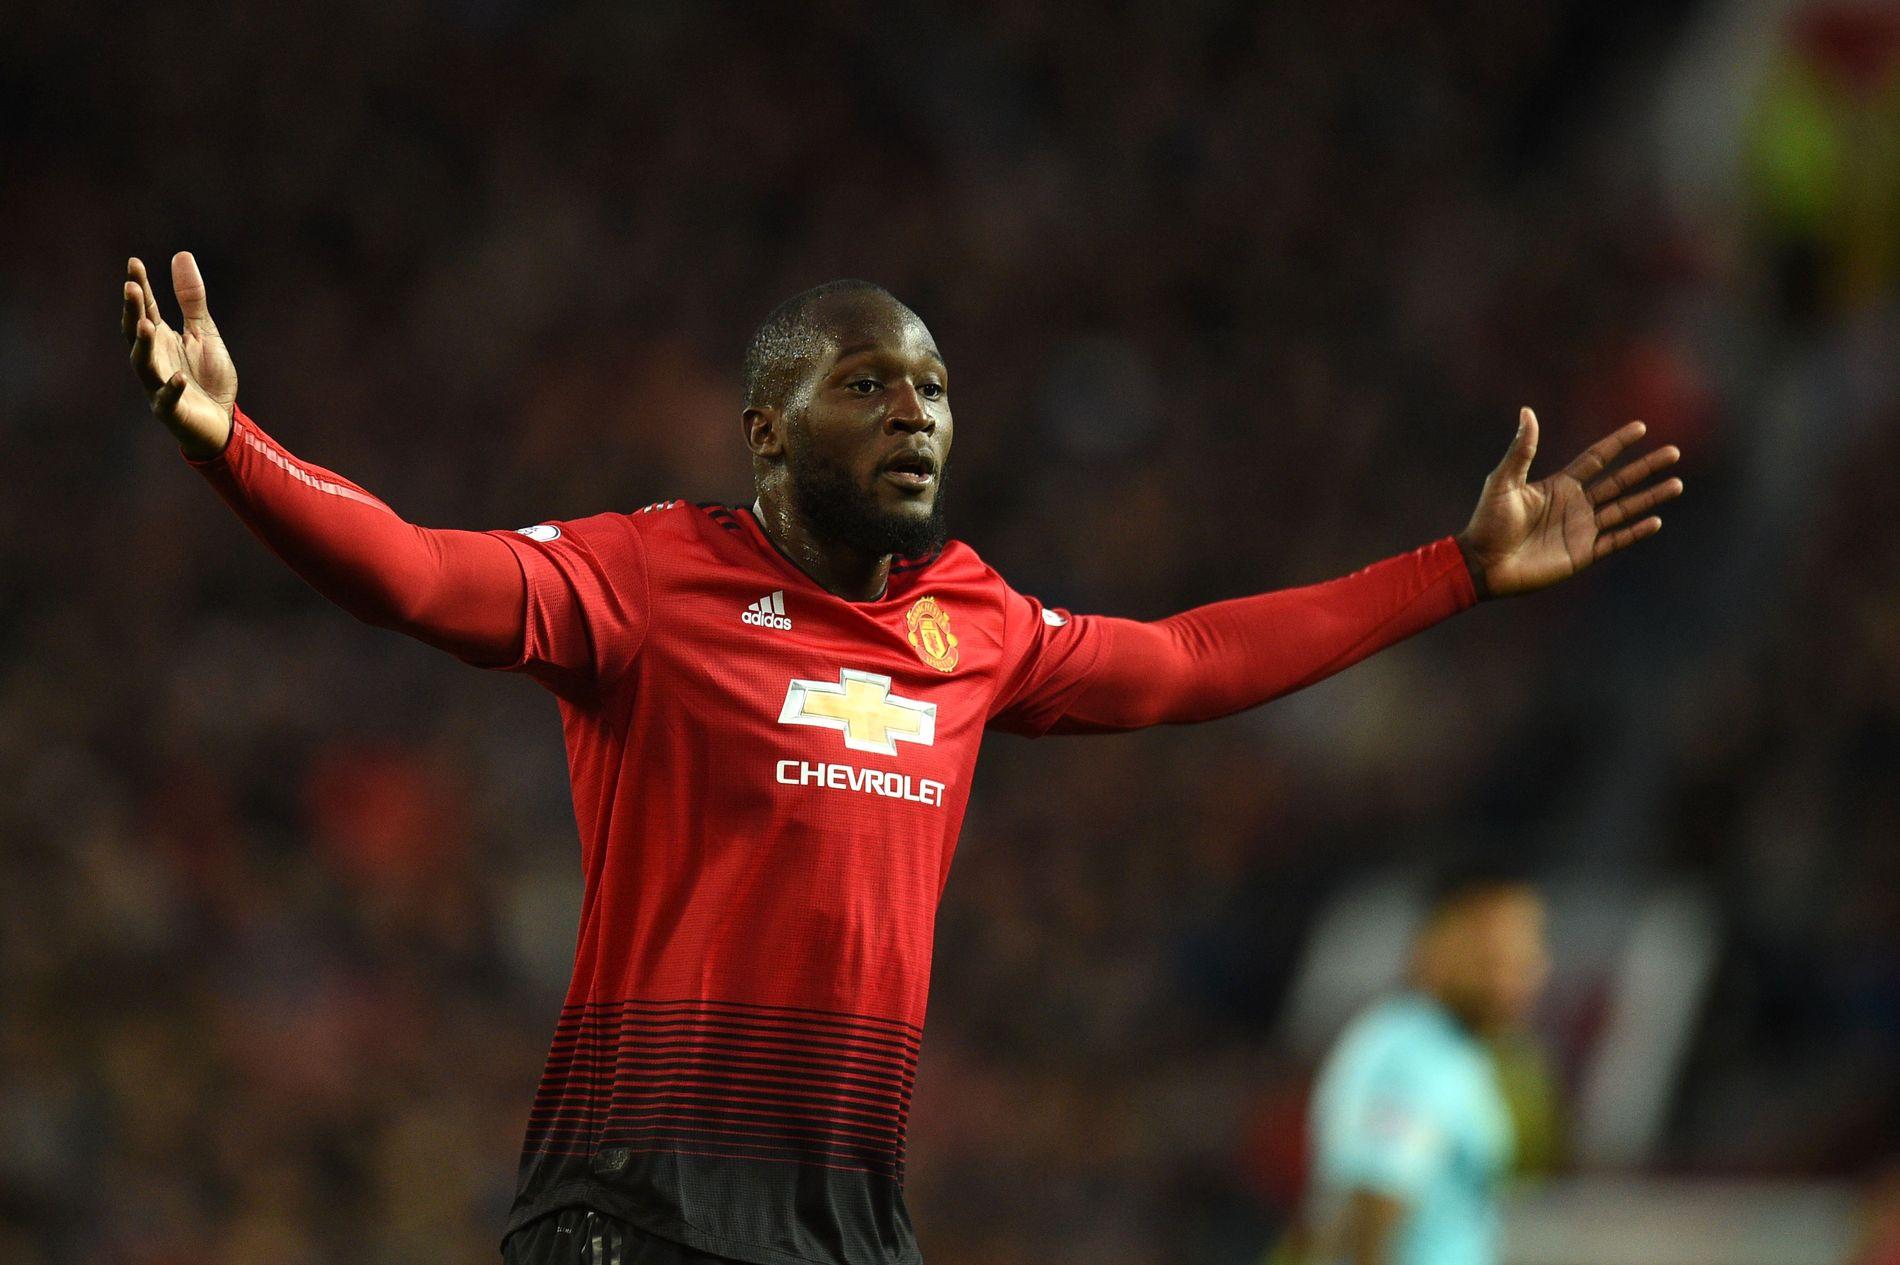 FÅR KRITIKK: Manchester United-spiss Romelu Lukaku, her under Premire League-kamp mot Newcastle.